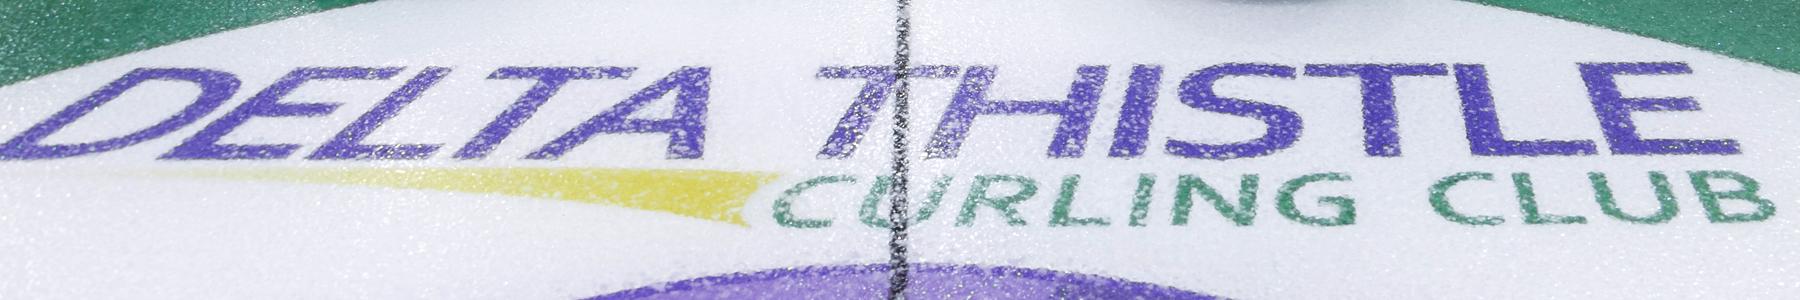 delta_thistle_banner_test_2